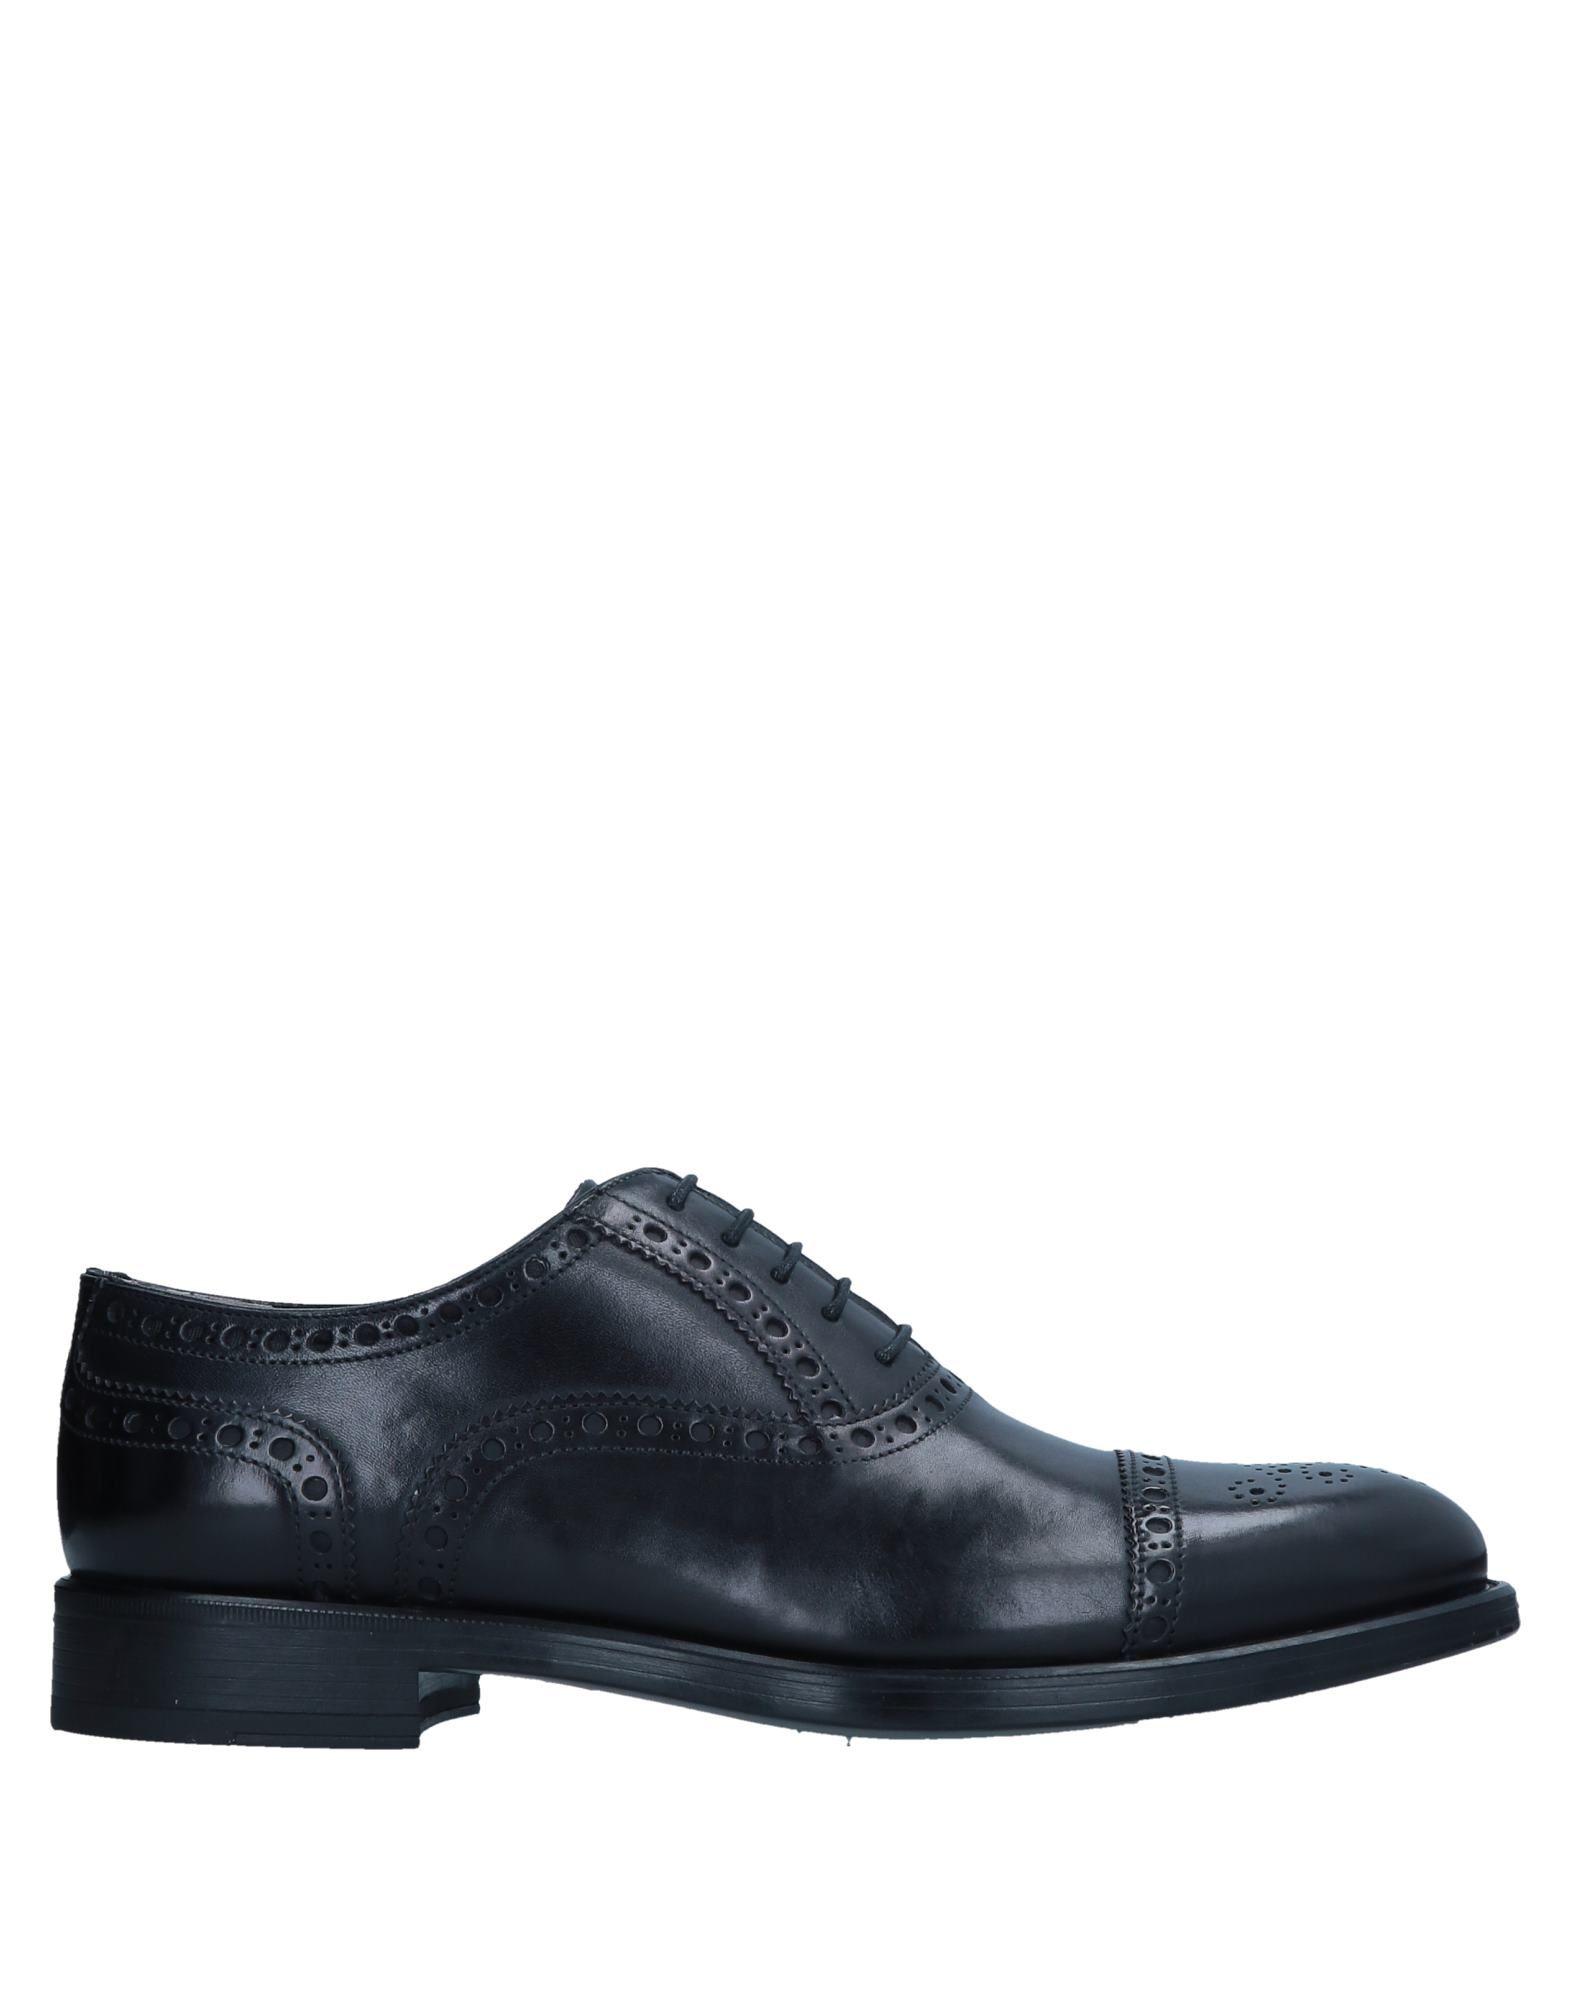 Фото - ALEXANDER TREND Обувь на шнурках alexander smith обувь на шнурках